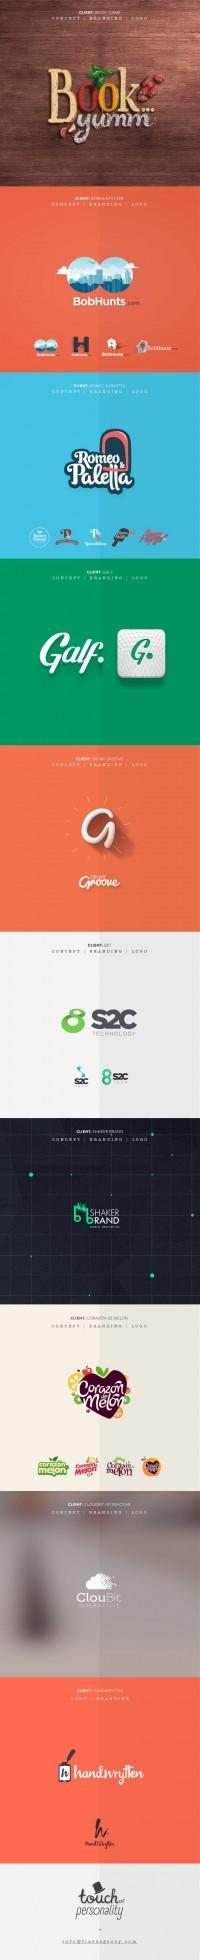 Logos | 2014 v1 | Inspiration DE